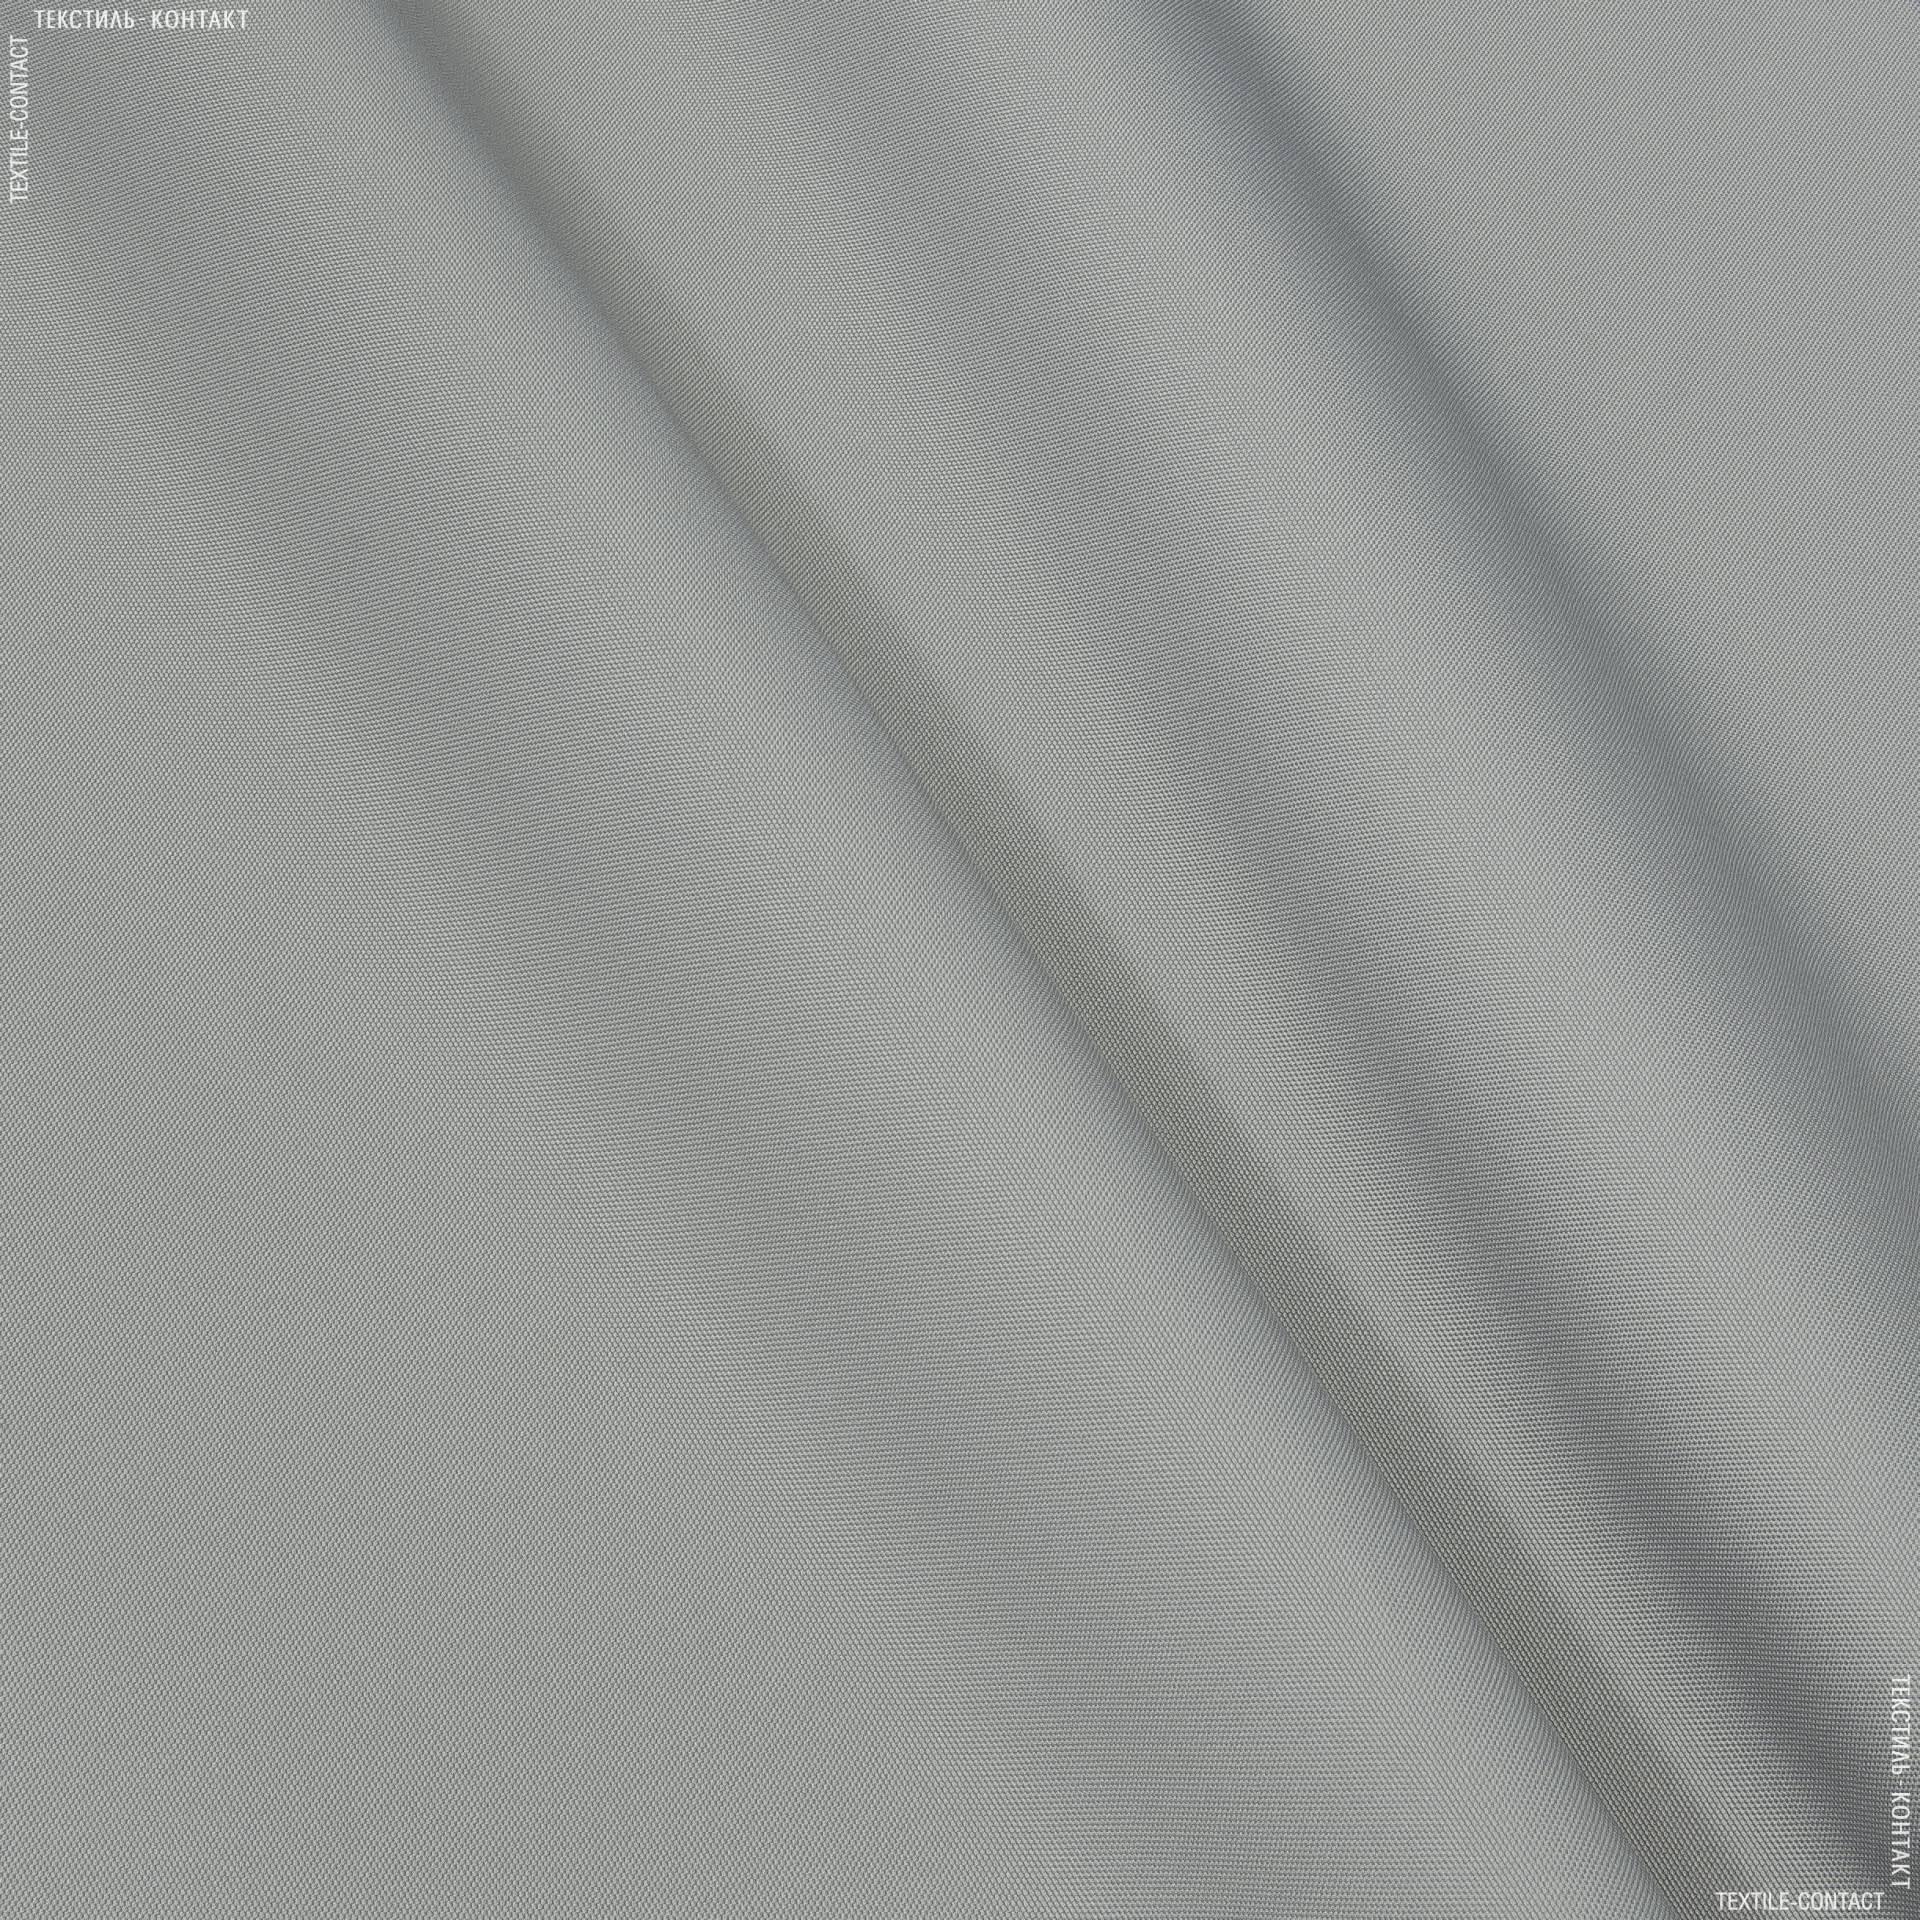 Ткани для палаток - Ткань тентовая навигатор серая